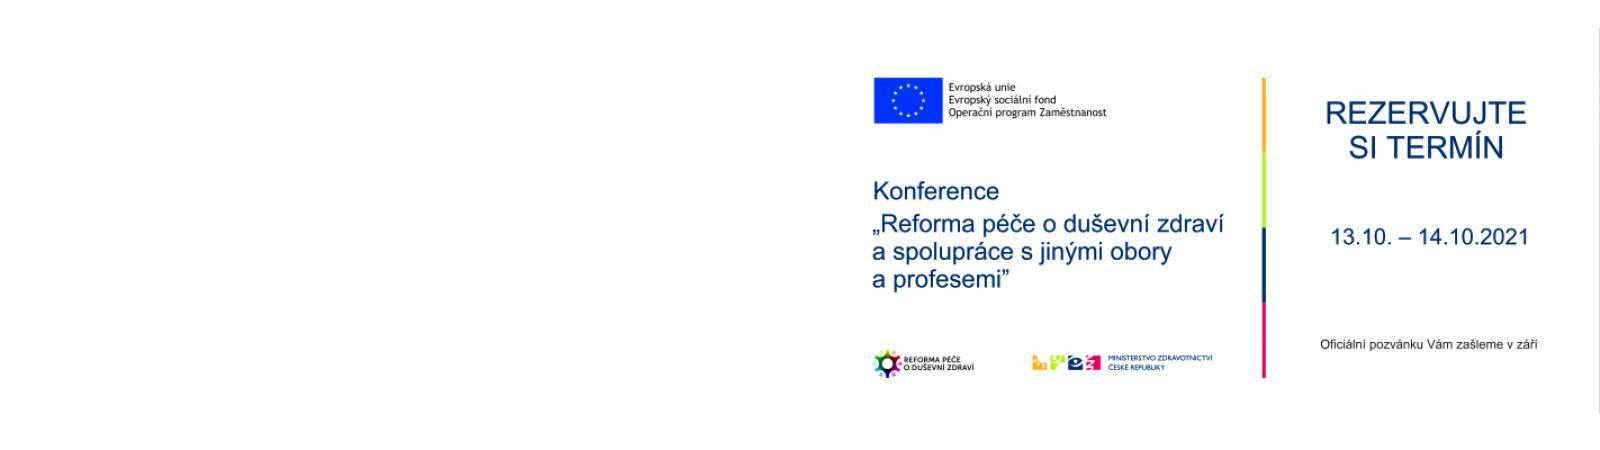 """Konference """"Reforma péče o duševní zdraví a spolupráce s jinými obory a profesemi"""""""